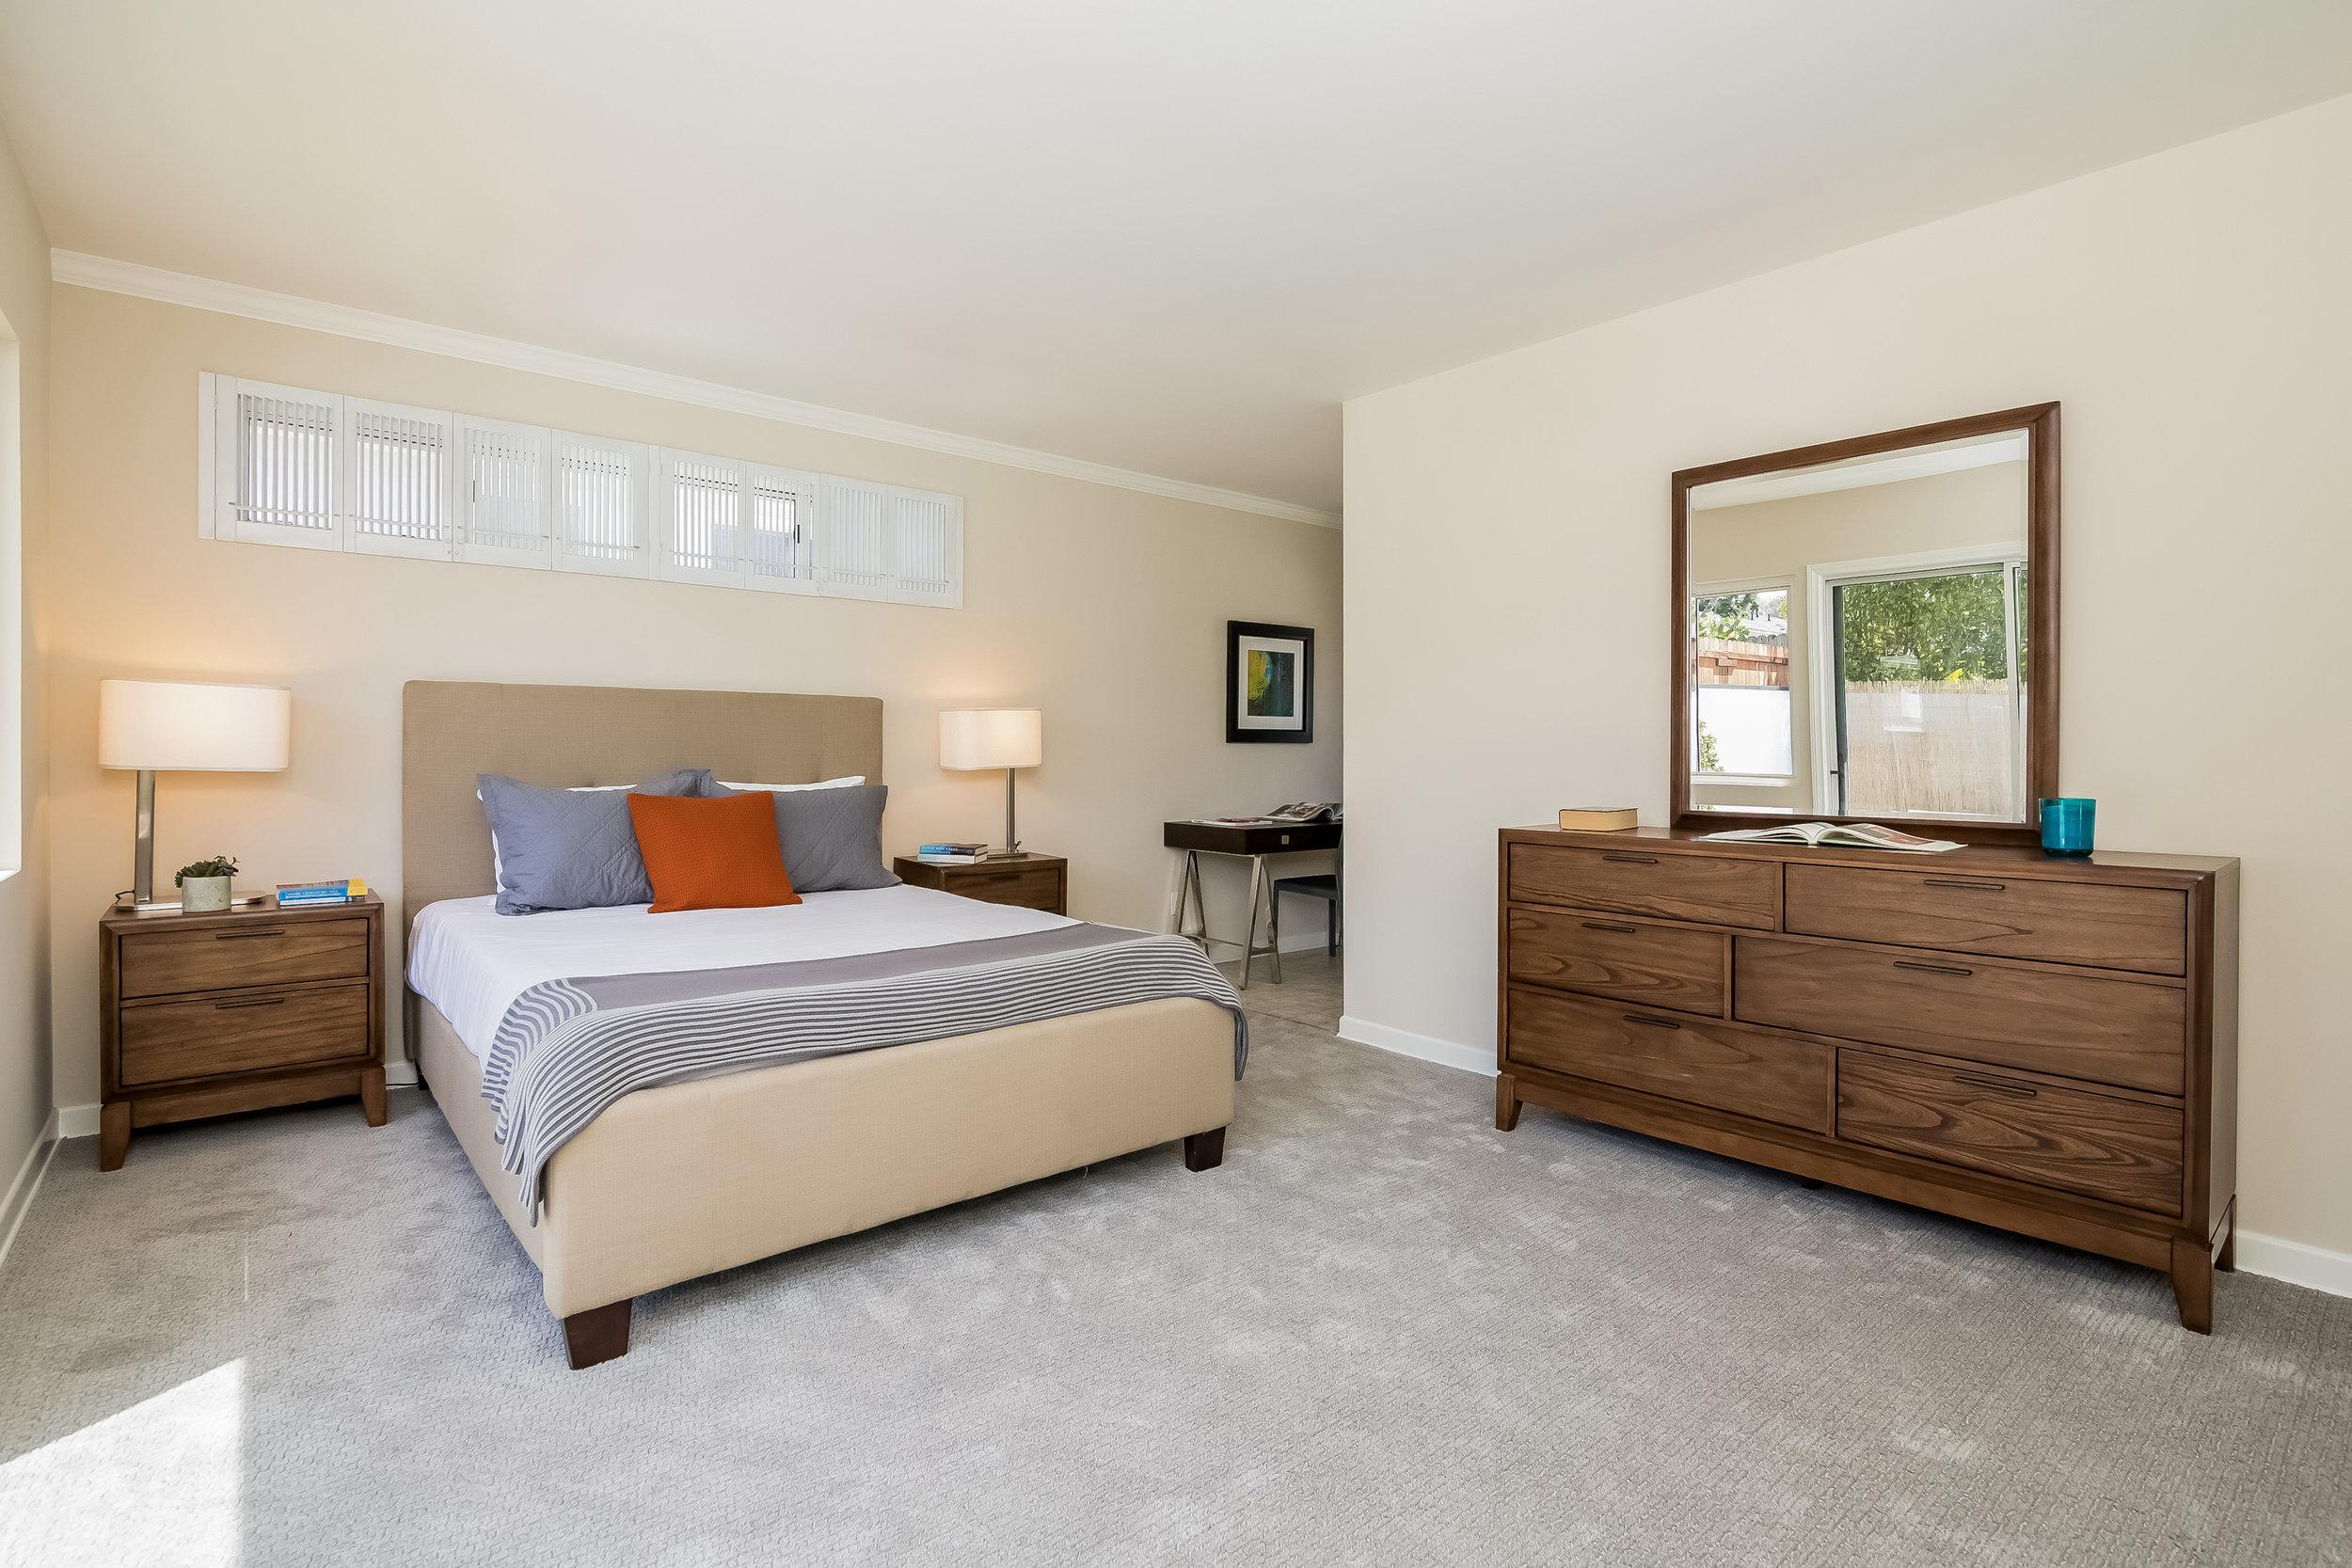 029-Bedroom-2805300-large copy.jpg